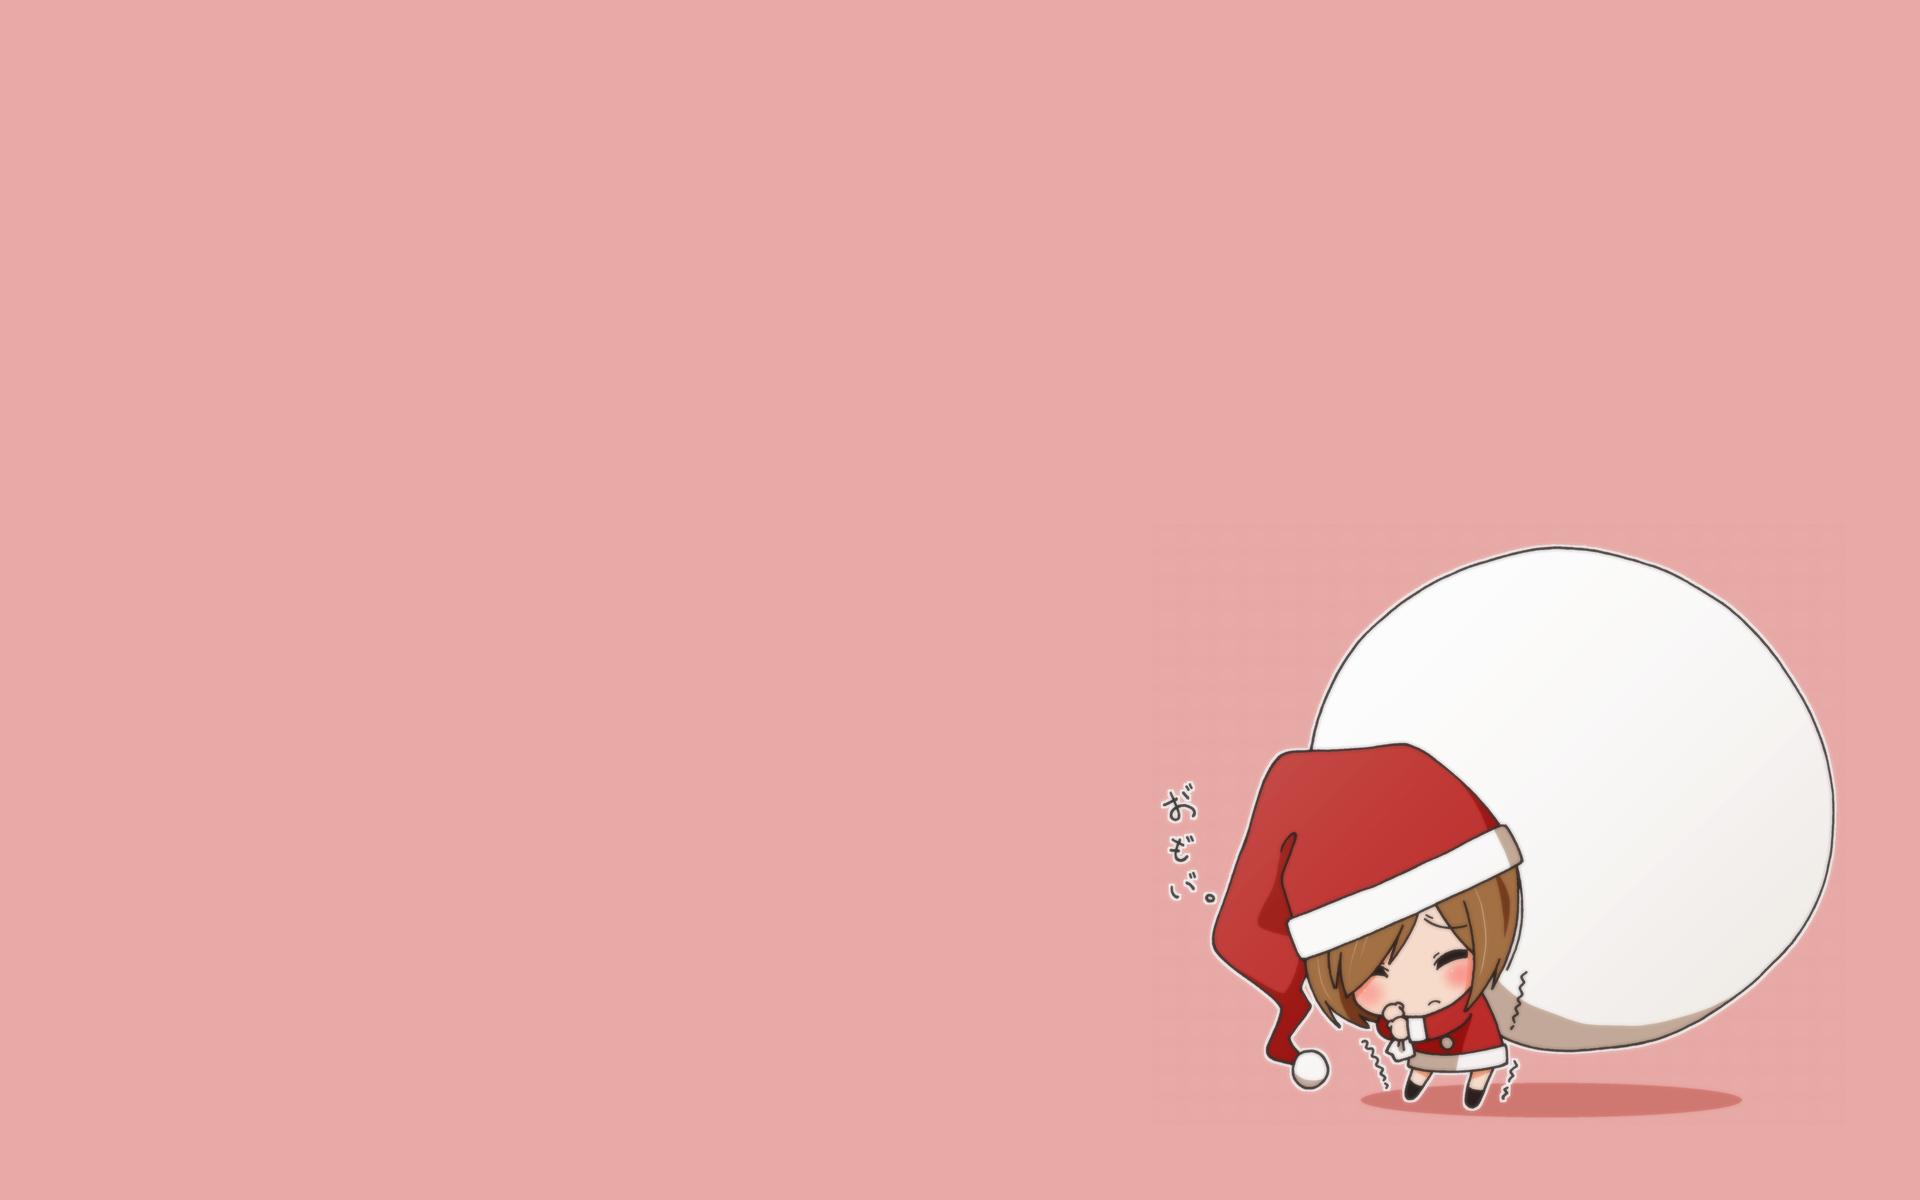 brown_hair chibi christmas hat kinoshita_shizuka k-on! landolt_tamaki pink santa_costume santa_hat short_hair